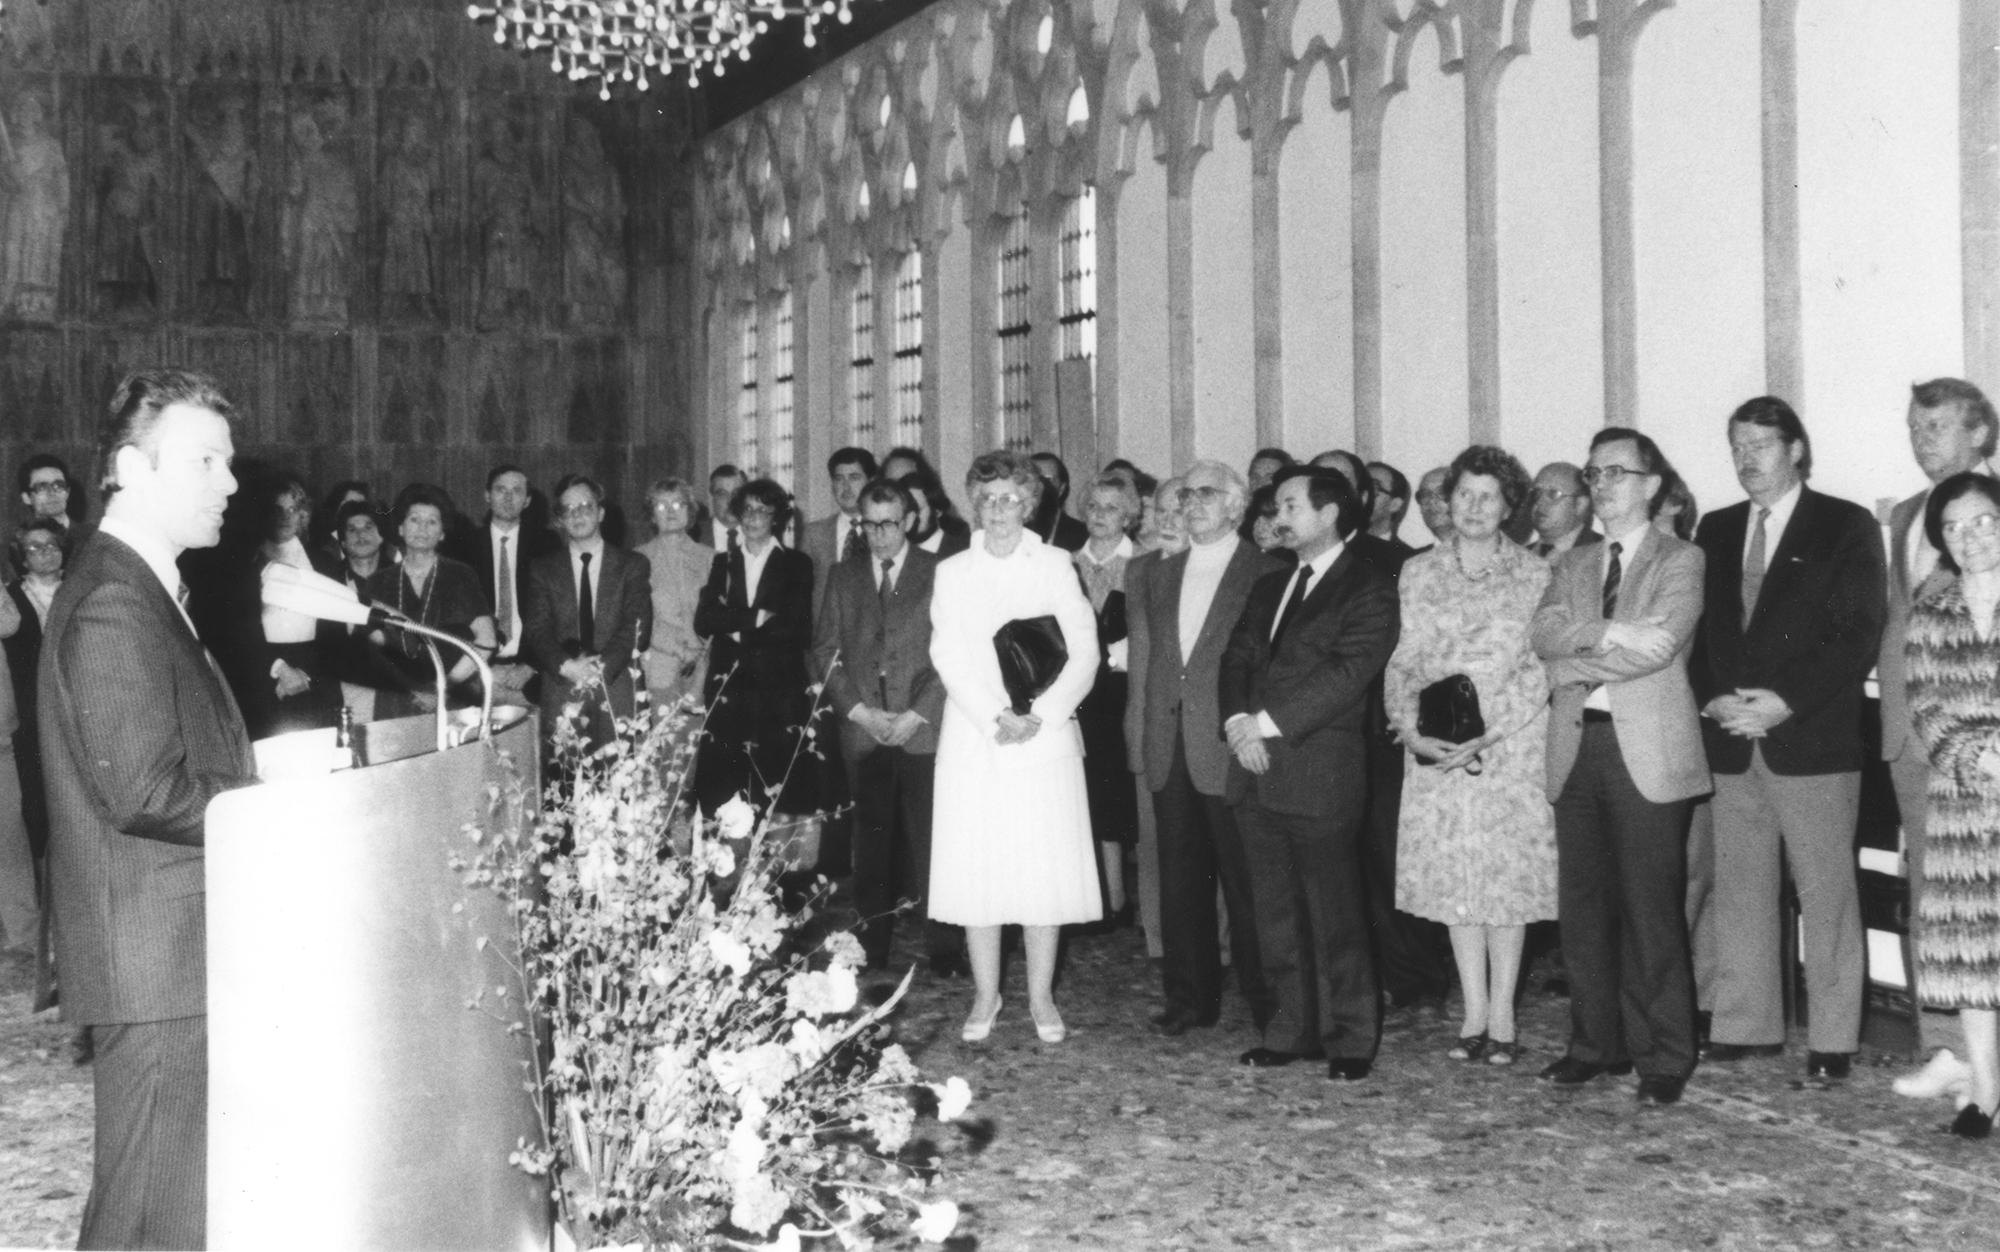 Marianne Englert (in weiß) 1982 in Köln beim Empfang der Stadt (mit Seeberg-Elverfeldt Höpfner Frau Reese Lotichius Herr Reese)